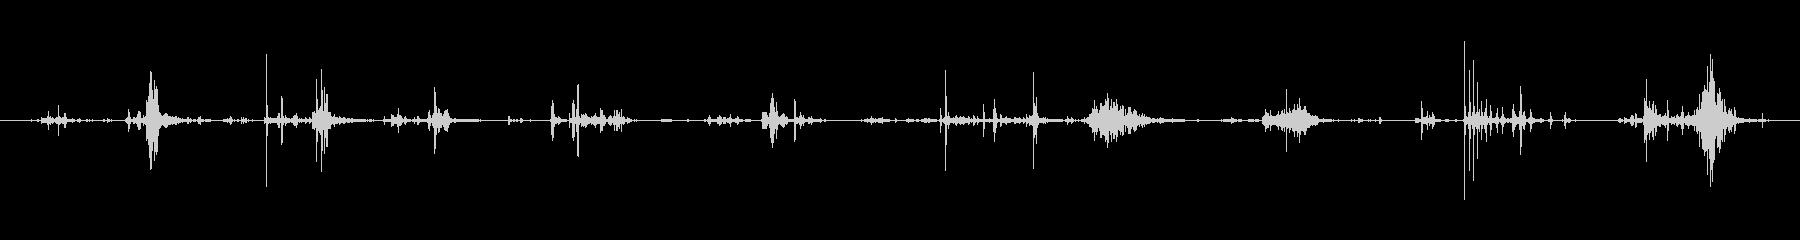 犬 ドリンク06の未再生の波形